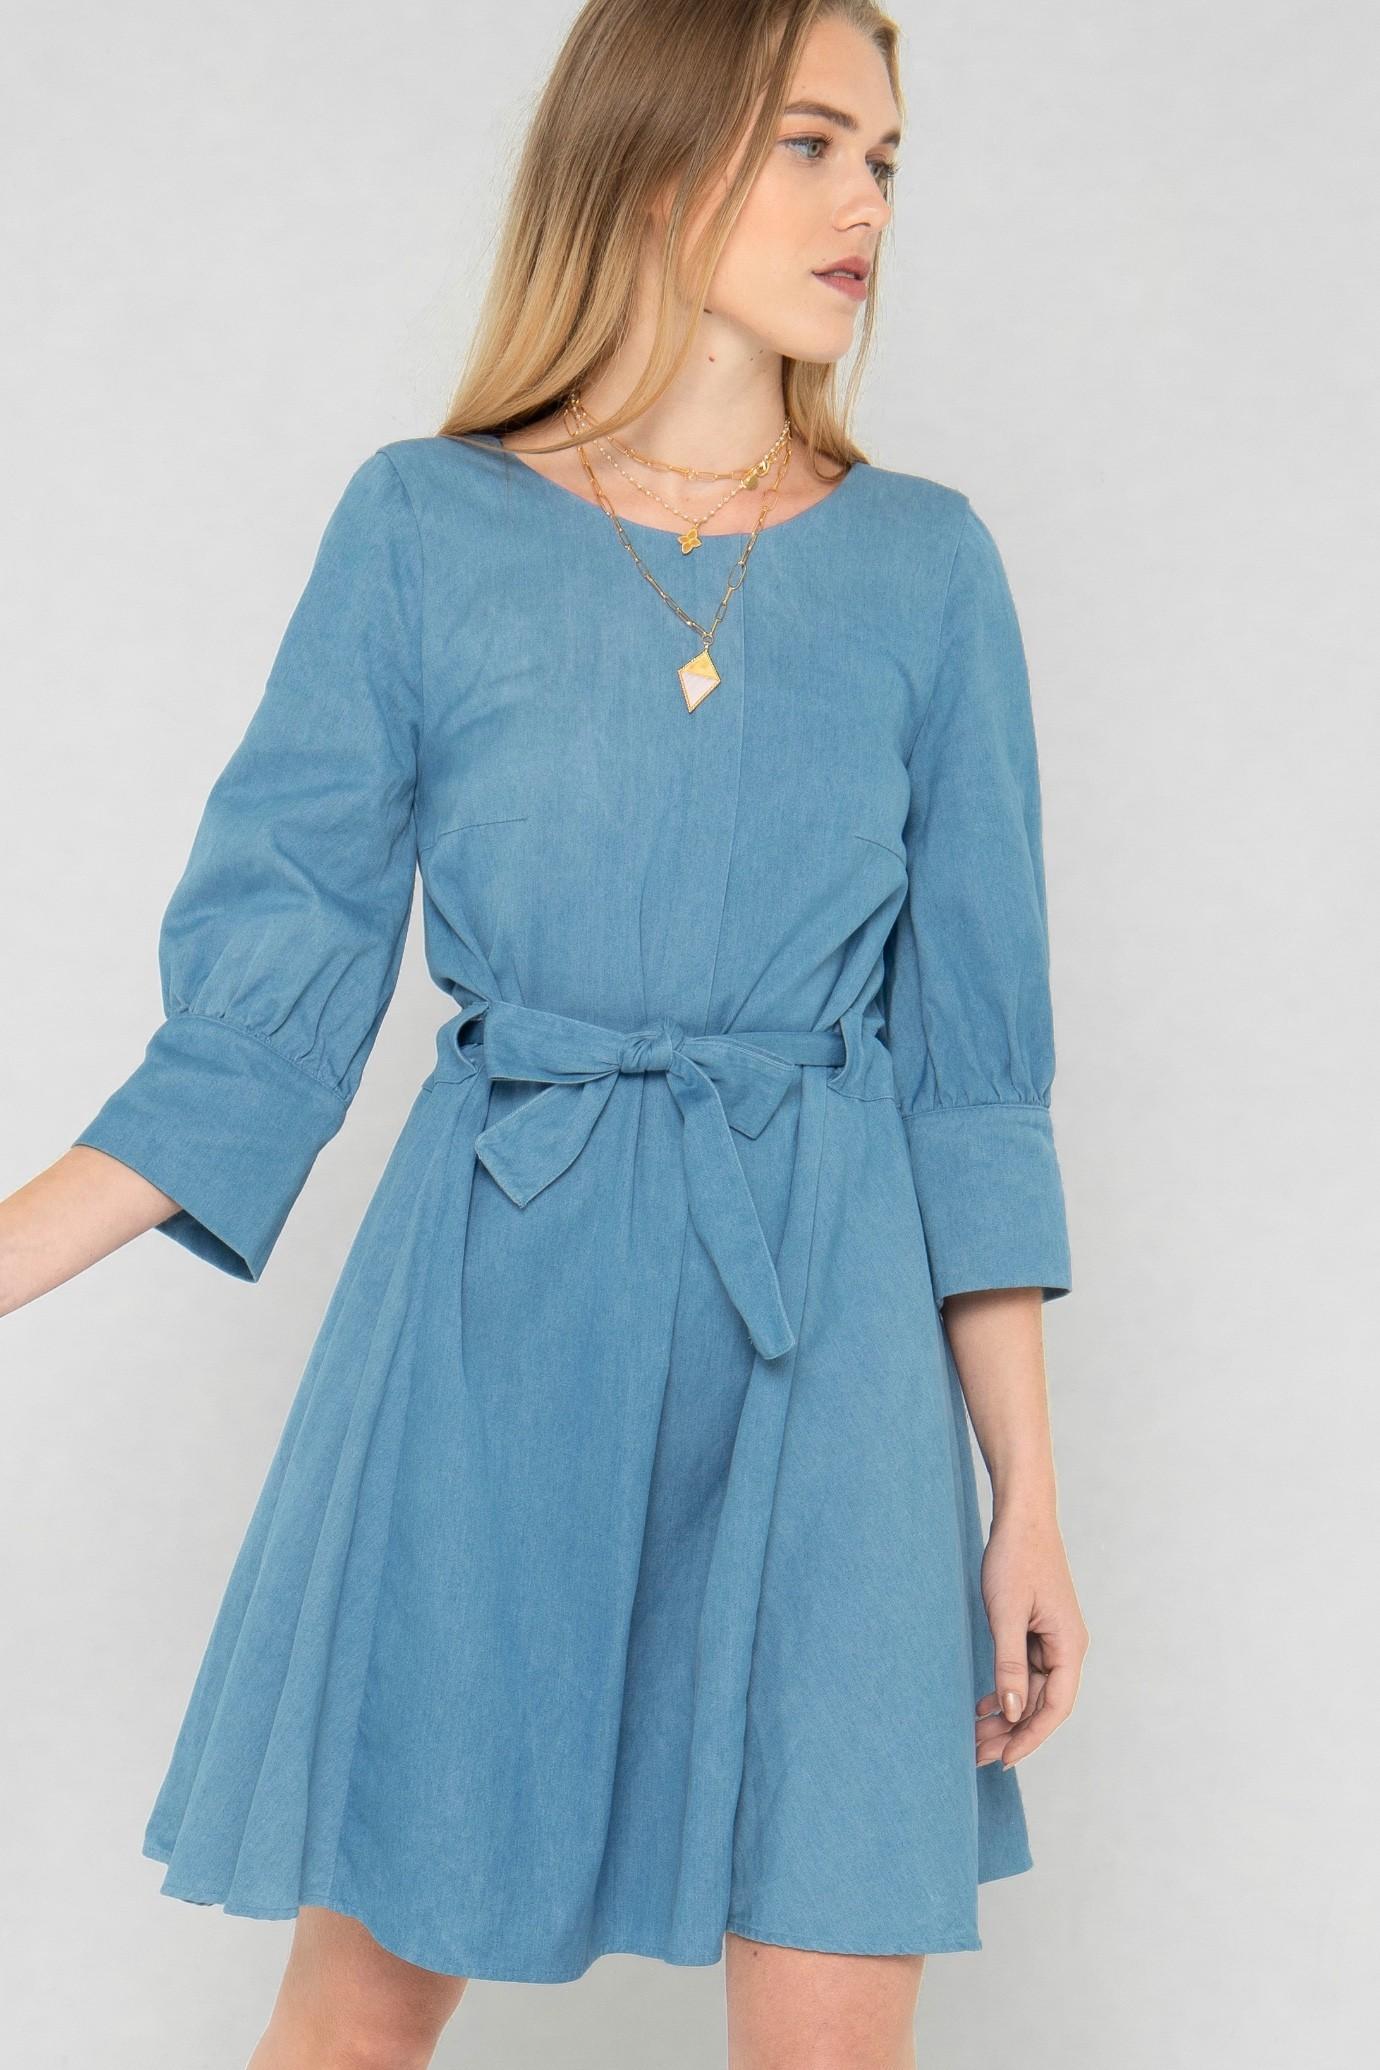 Robe droite courte à ceinture par la marque de mode parisienne Koshka Paris